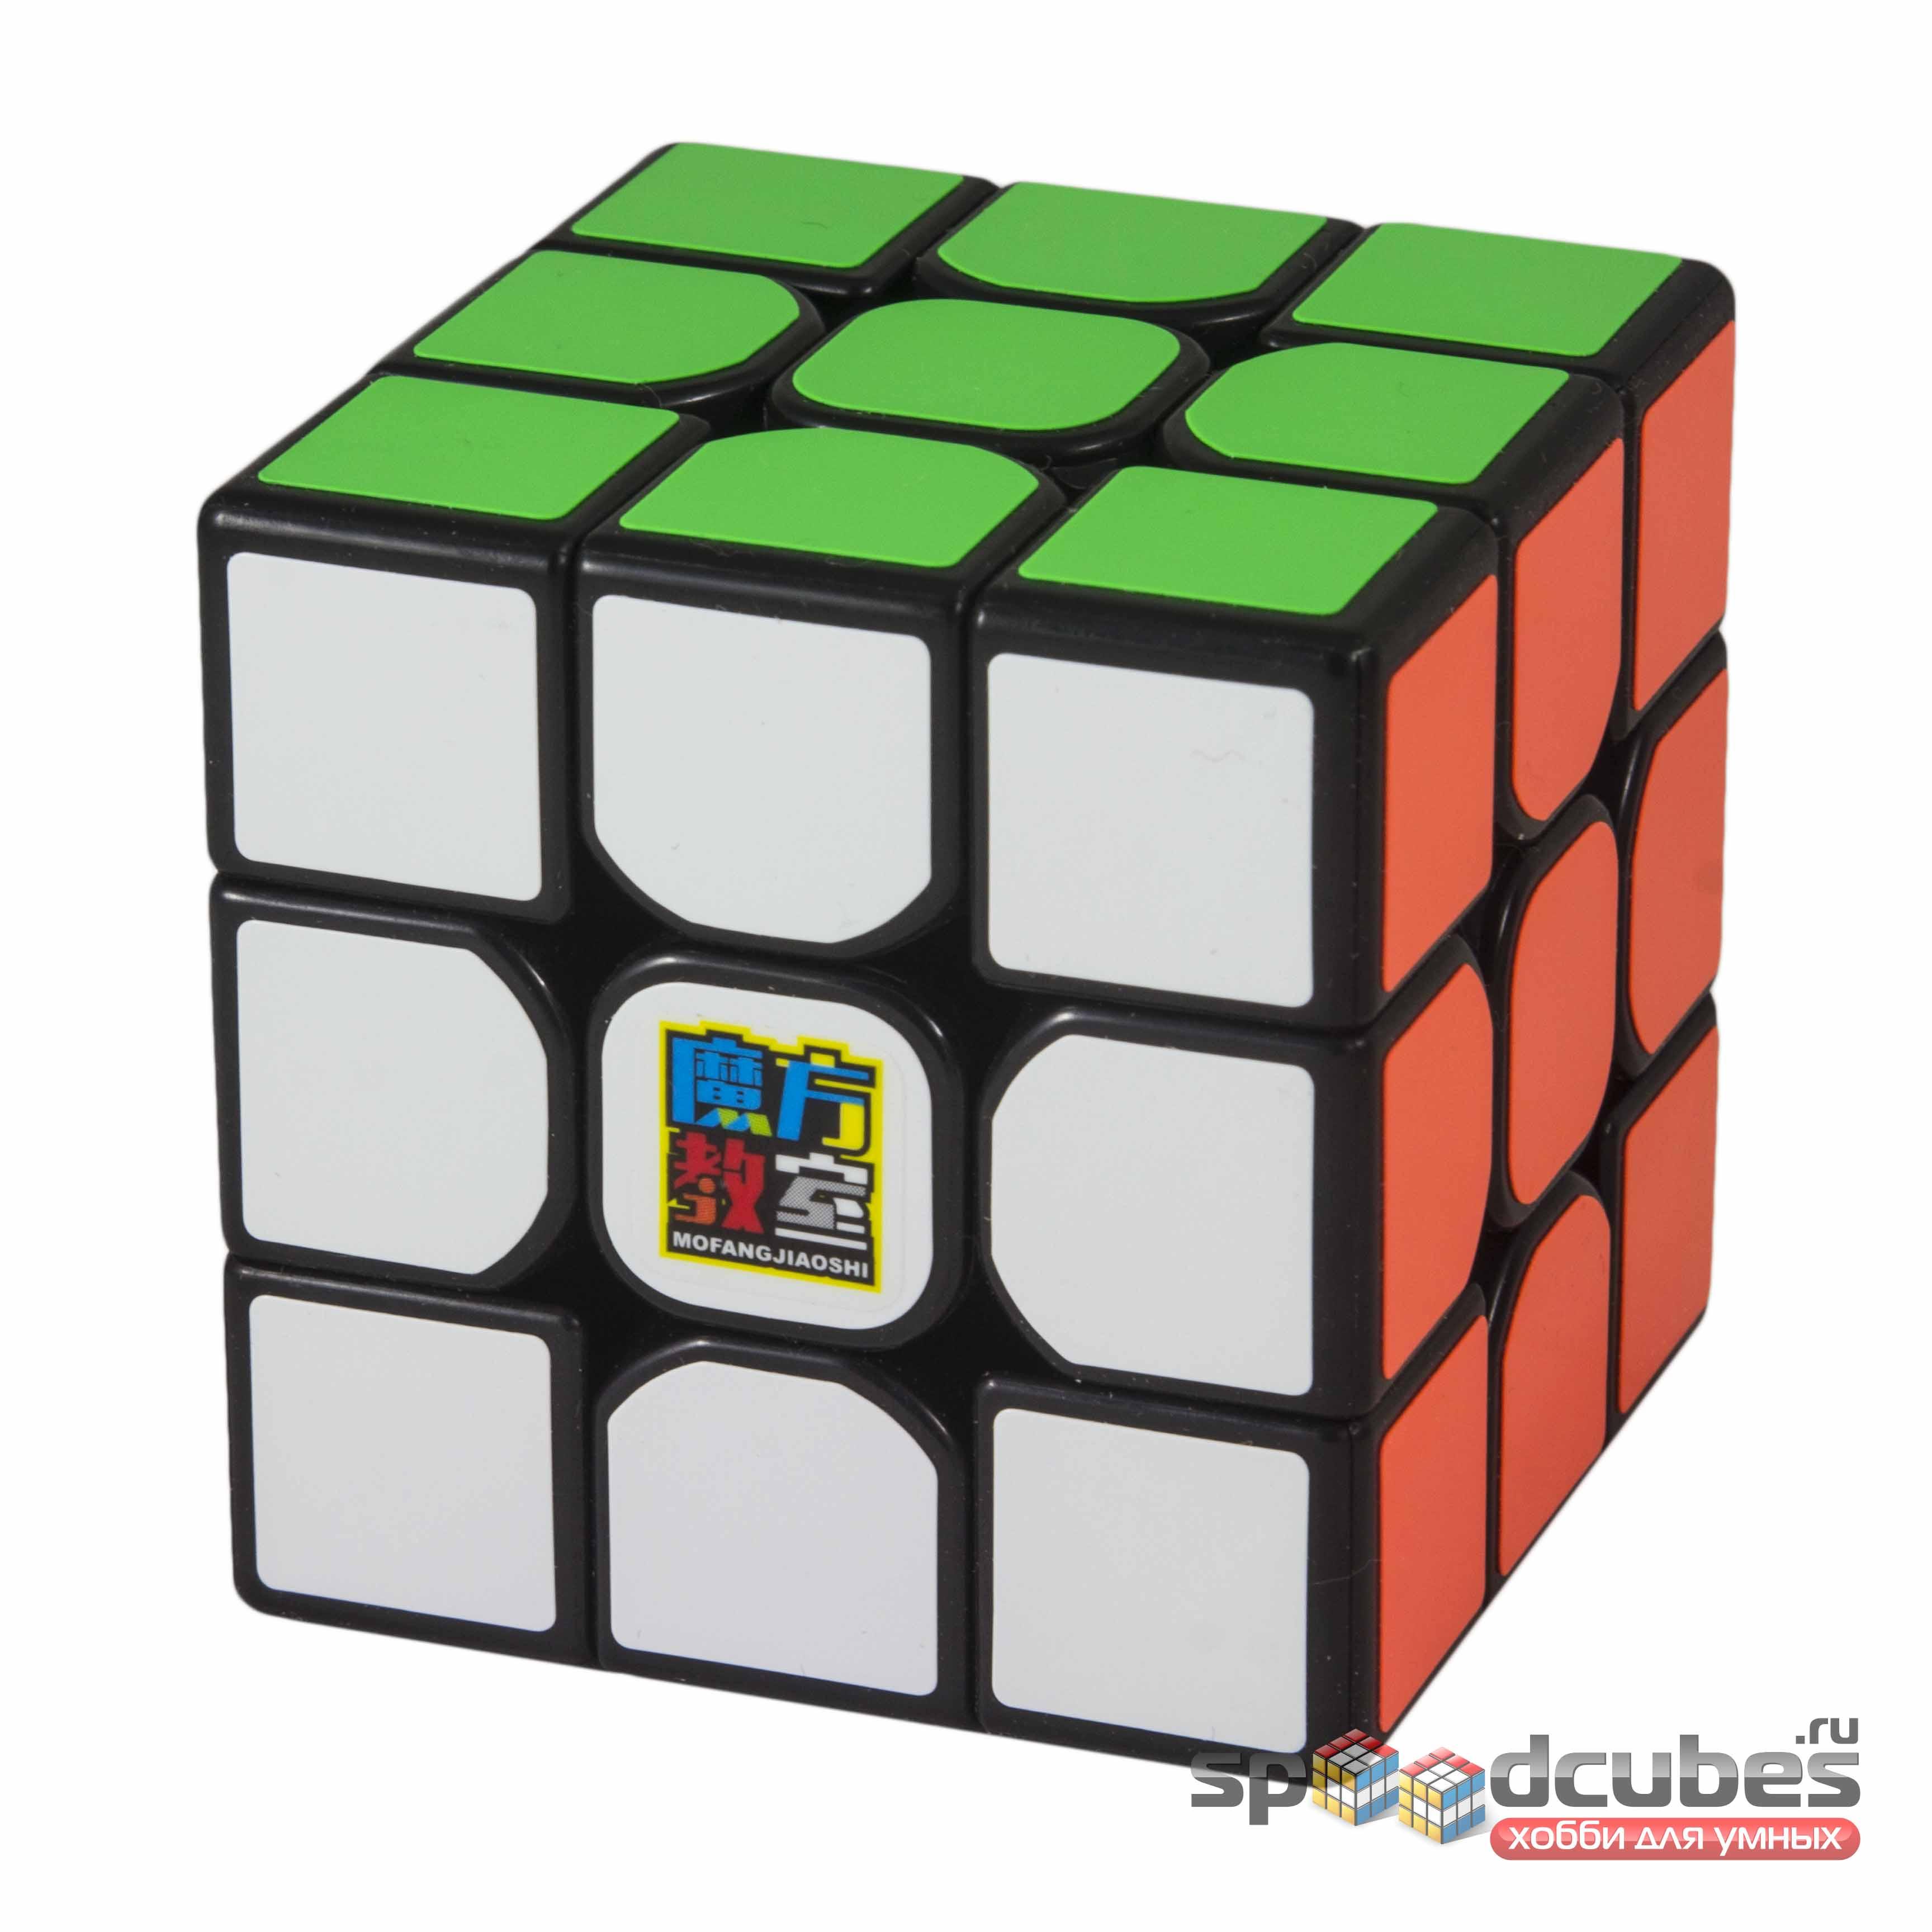 Moyu 3x3x3 Mofangjiaoshi Mf3rs Black 2